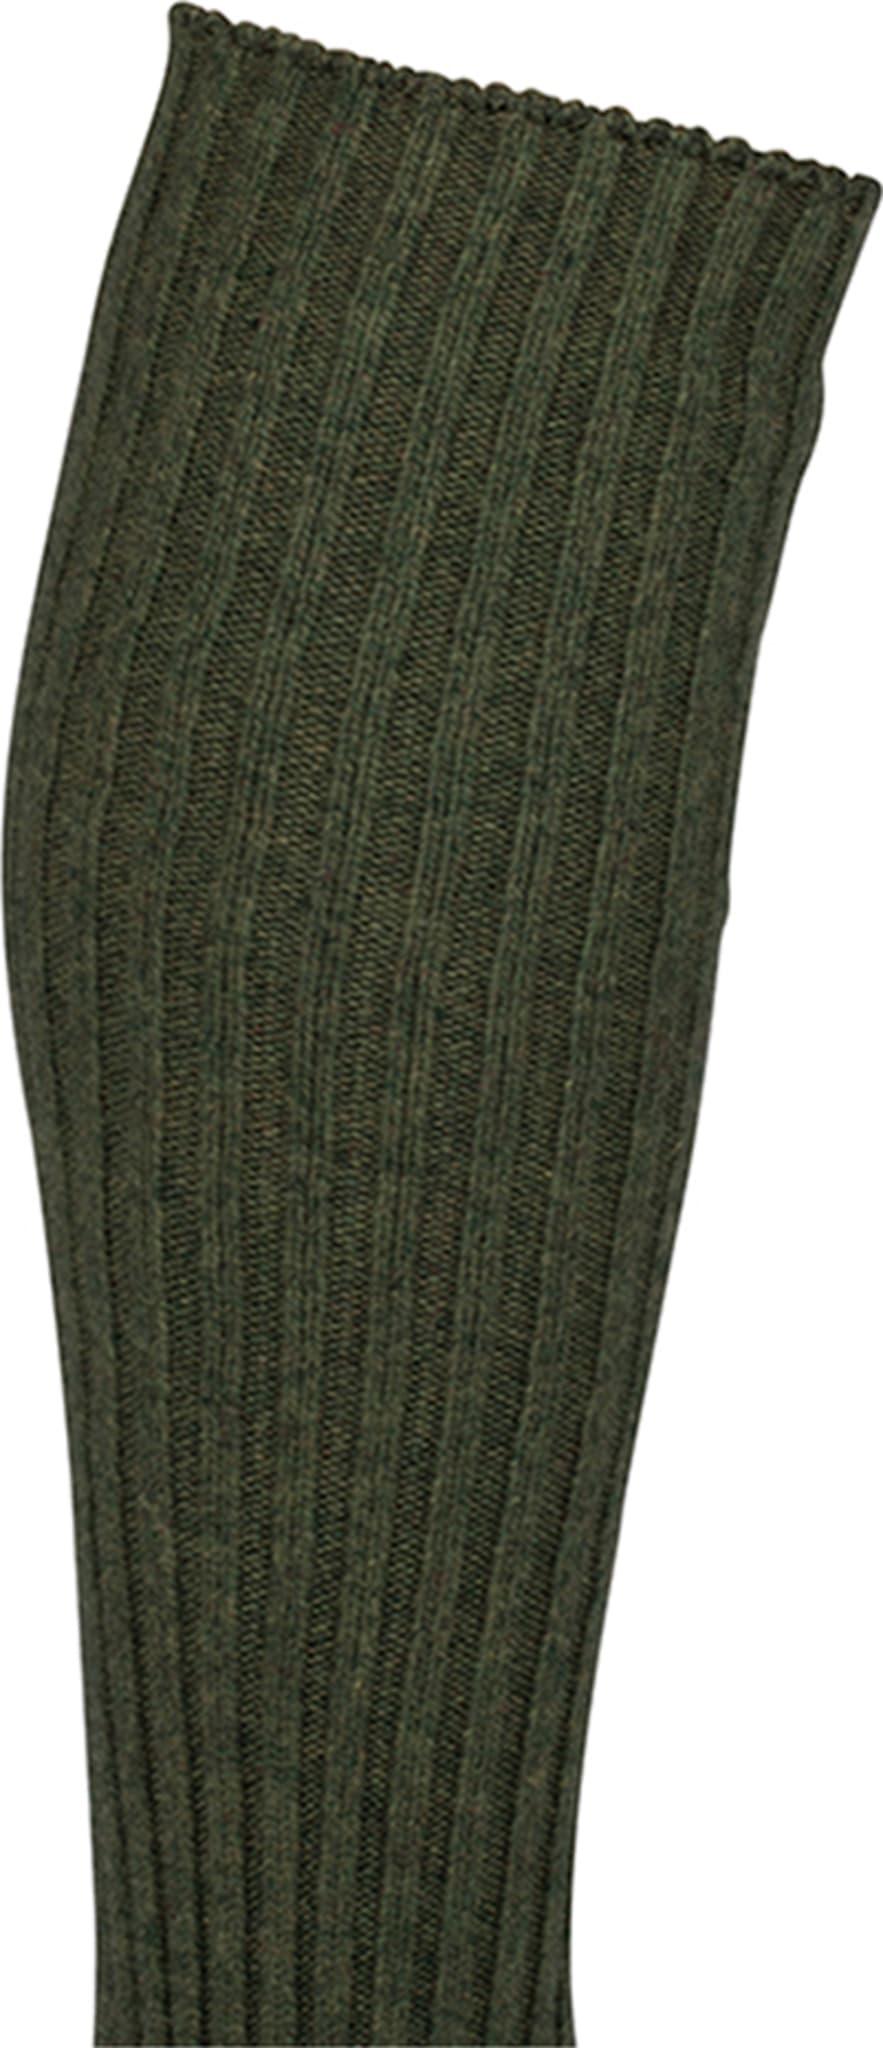 e54809c7 Leggvarmere i tradisjonsrik ribbestrikk